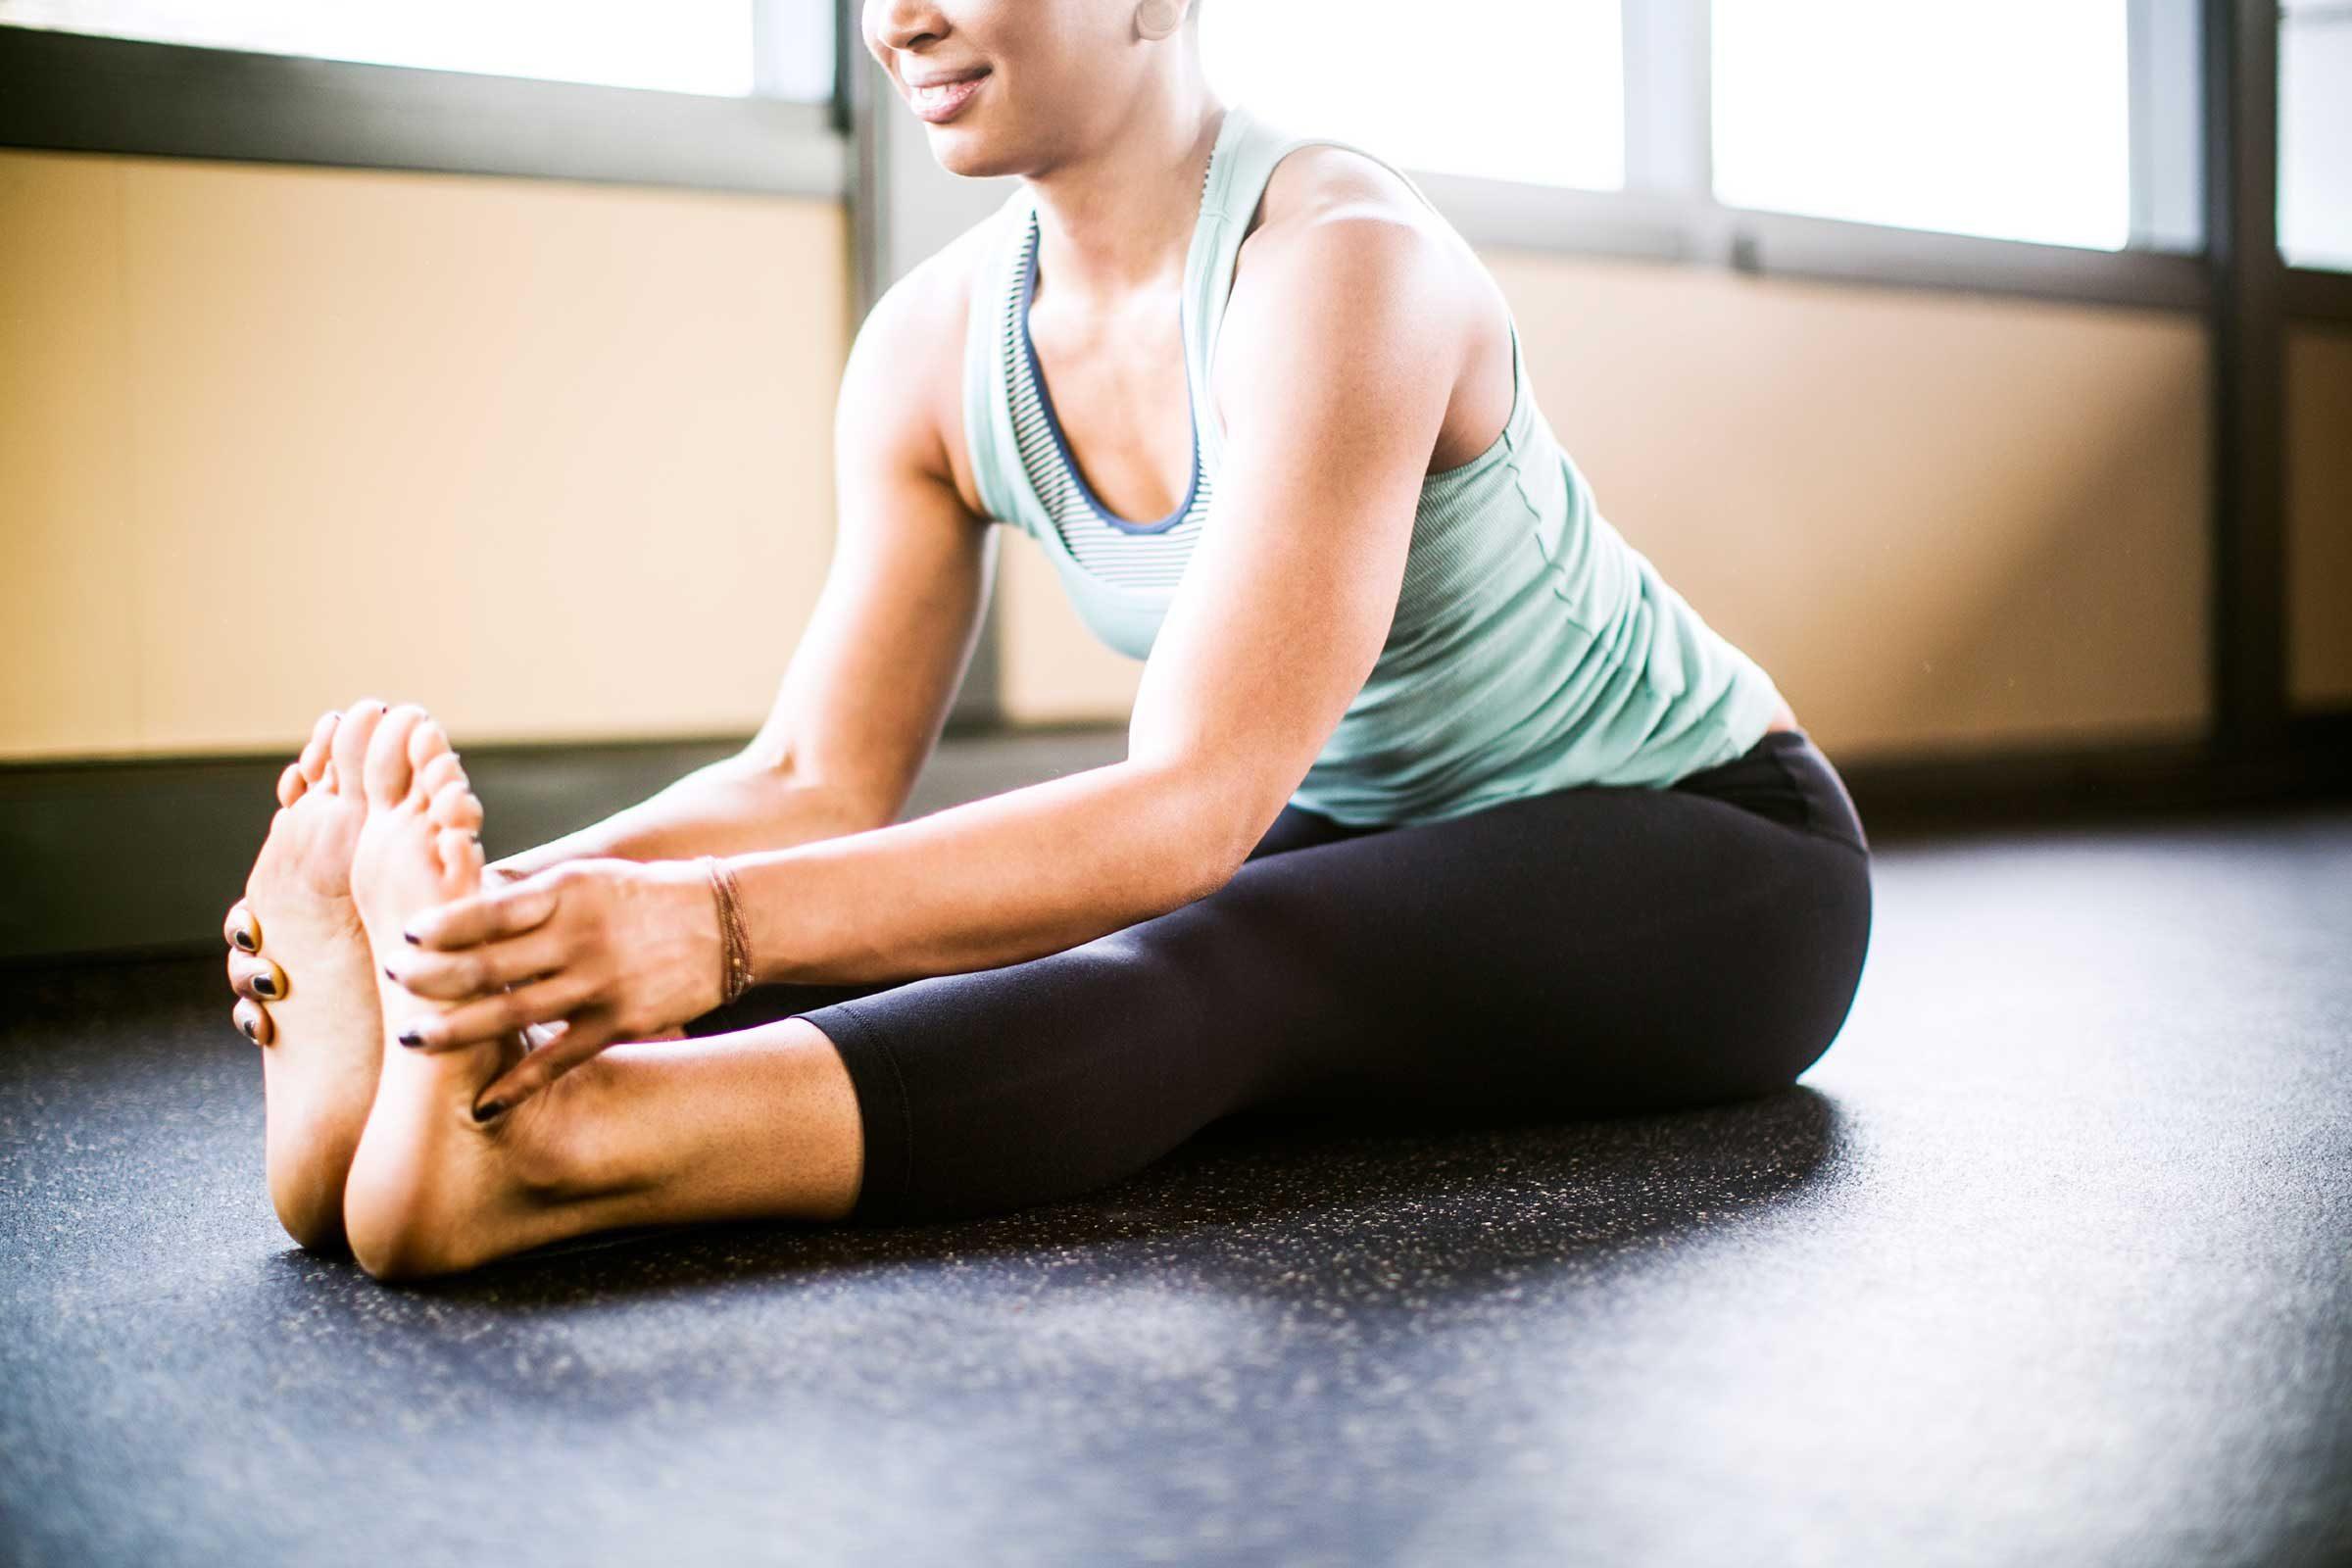 Les exercices de flexibilité sont importants pour la santé du corps